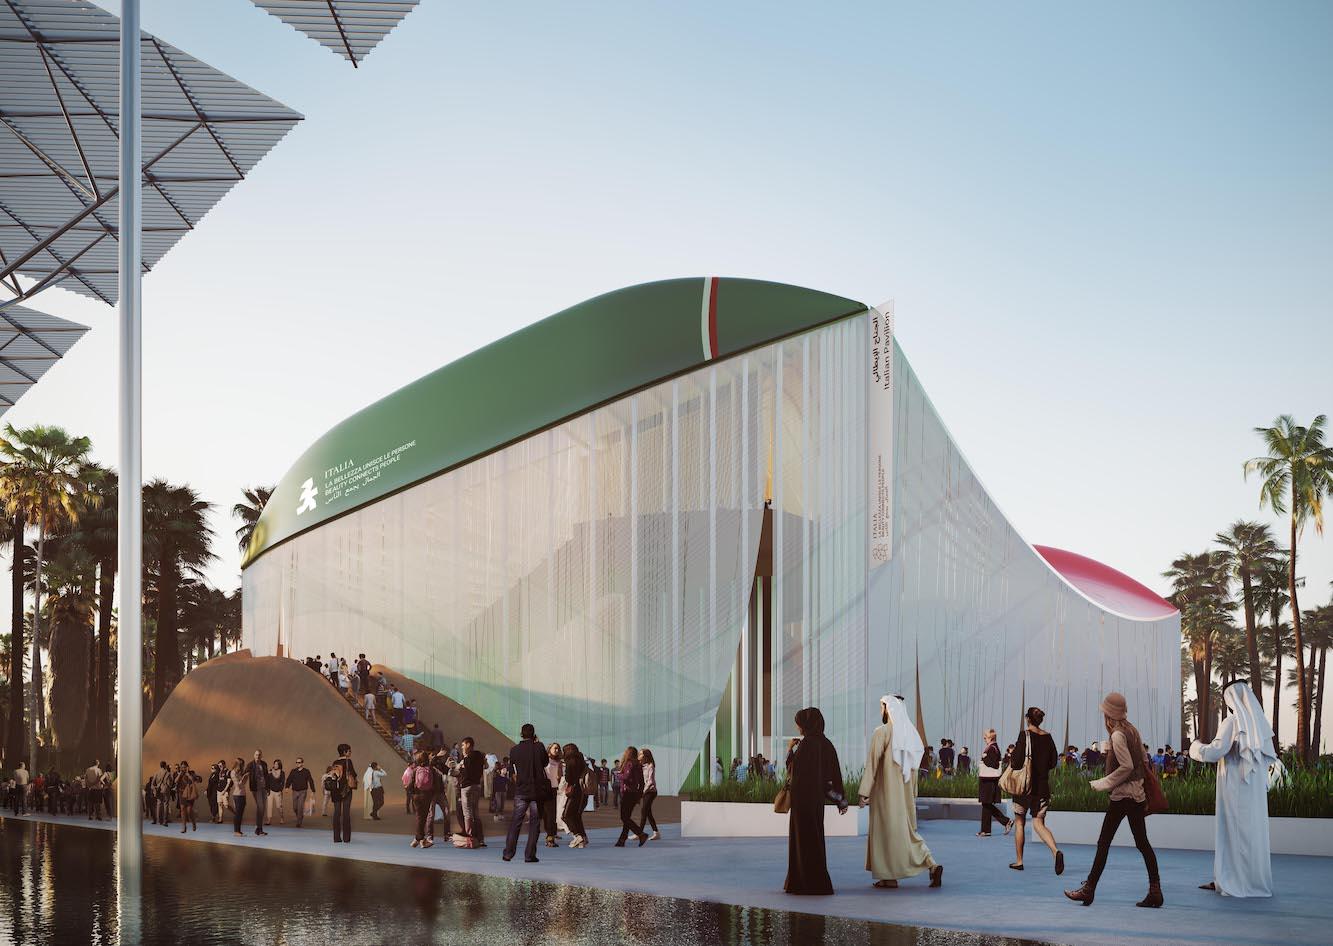 Acqua di Parma - Expo 2020 Dubai - Ph Courtesy Acqua di Parma